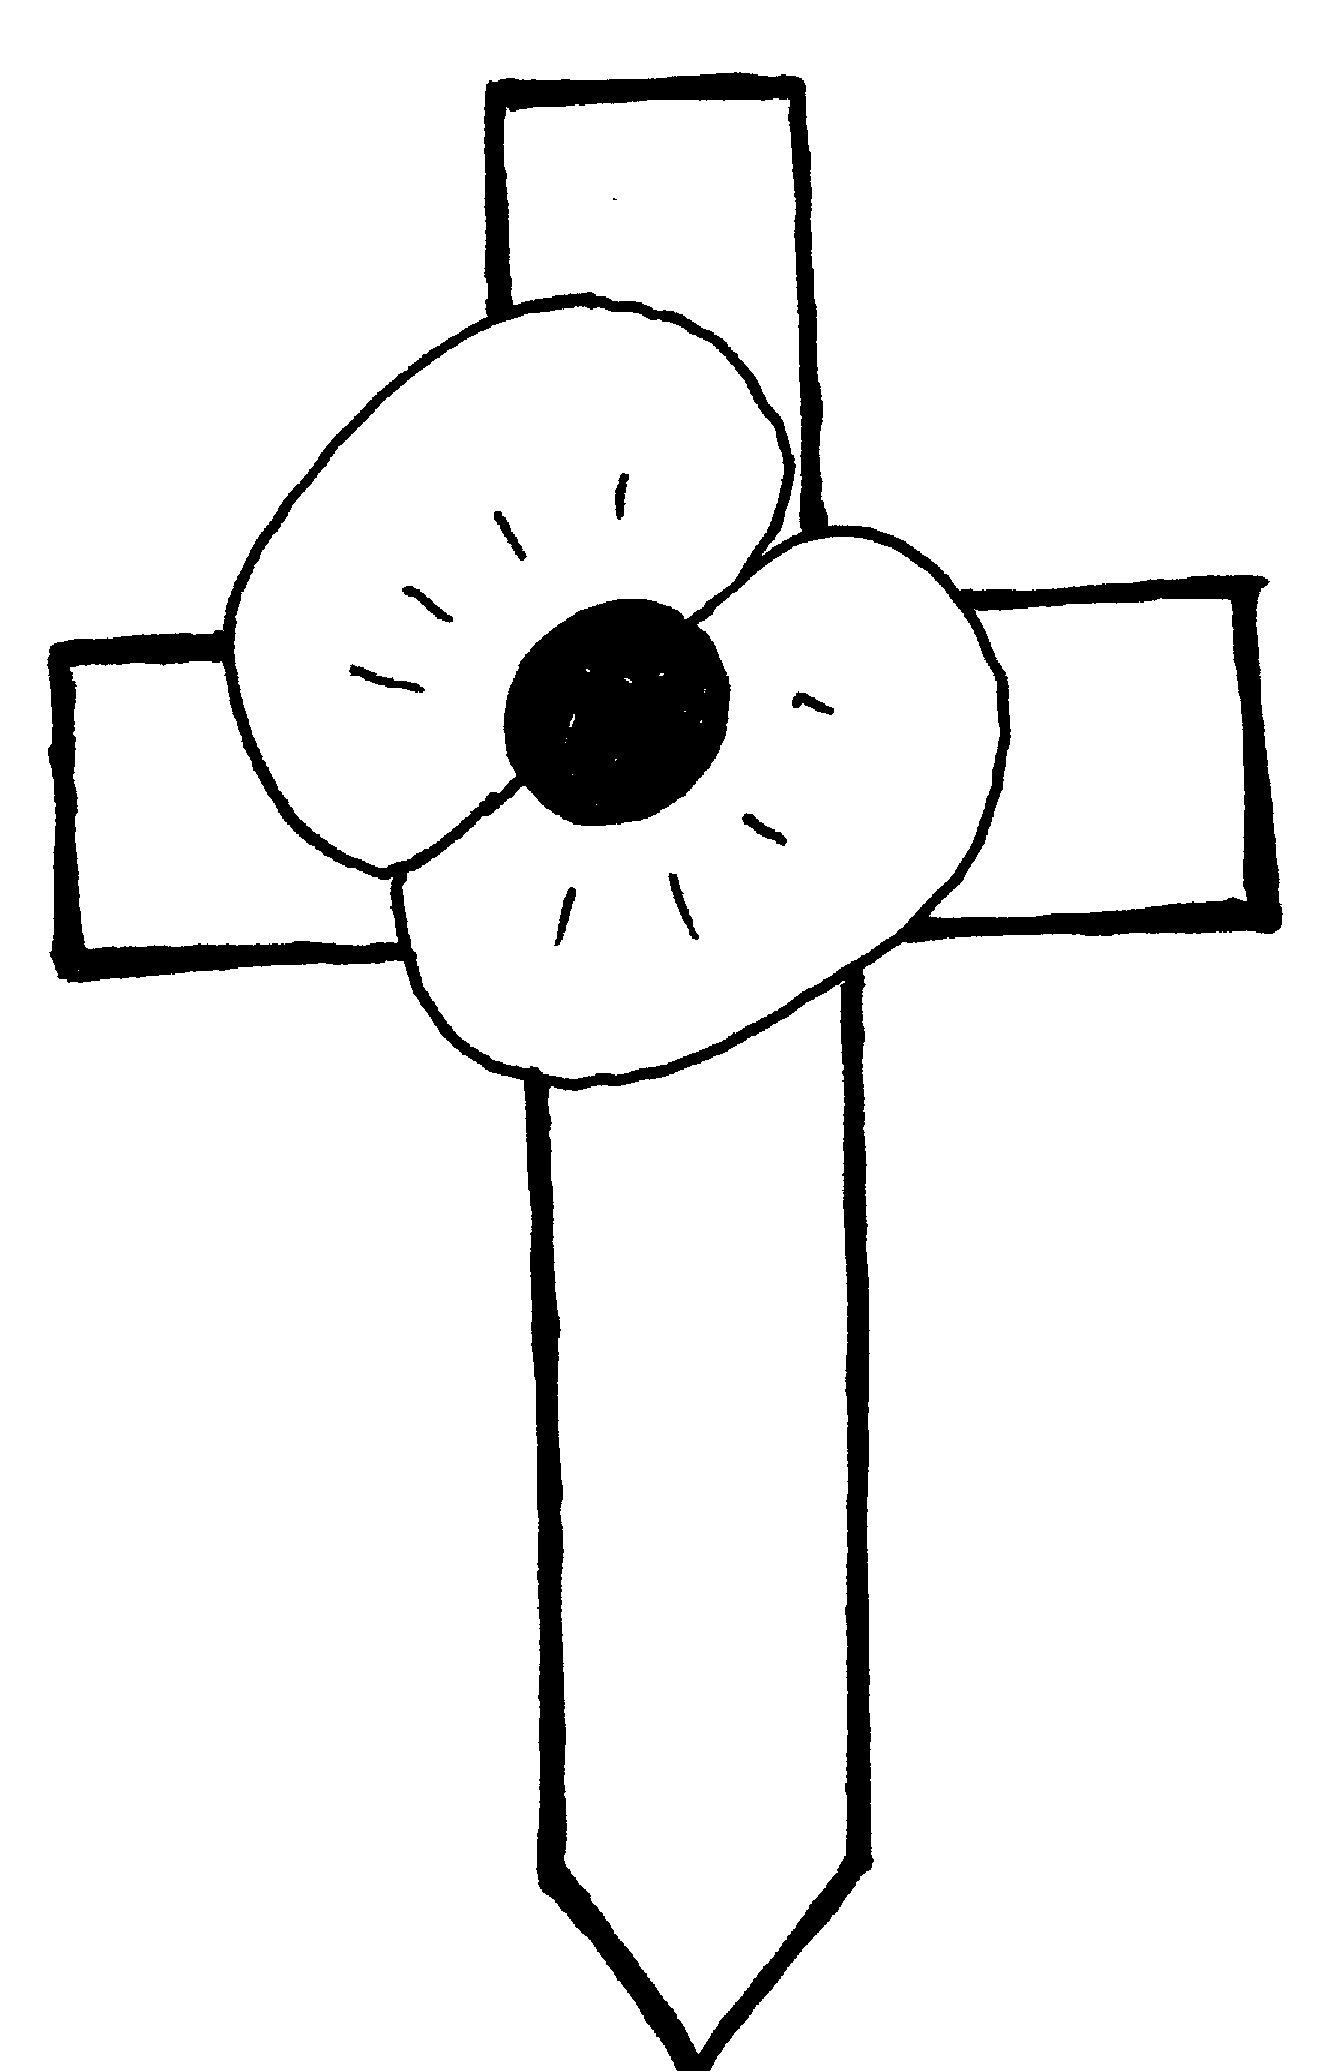 1334x2071 Cross Outline Clip Art